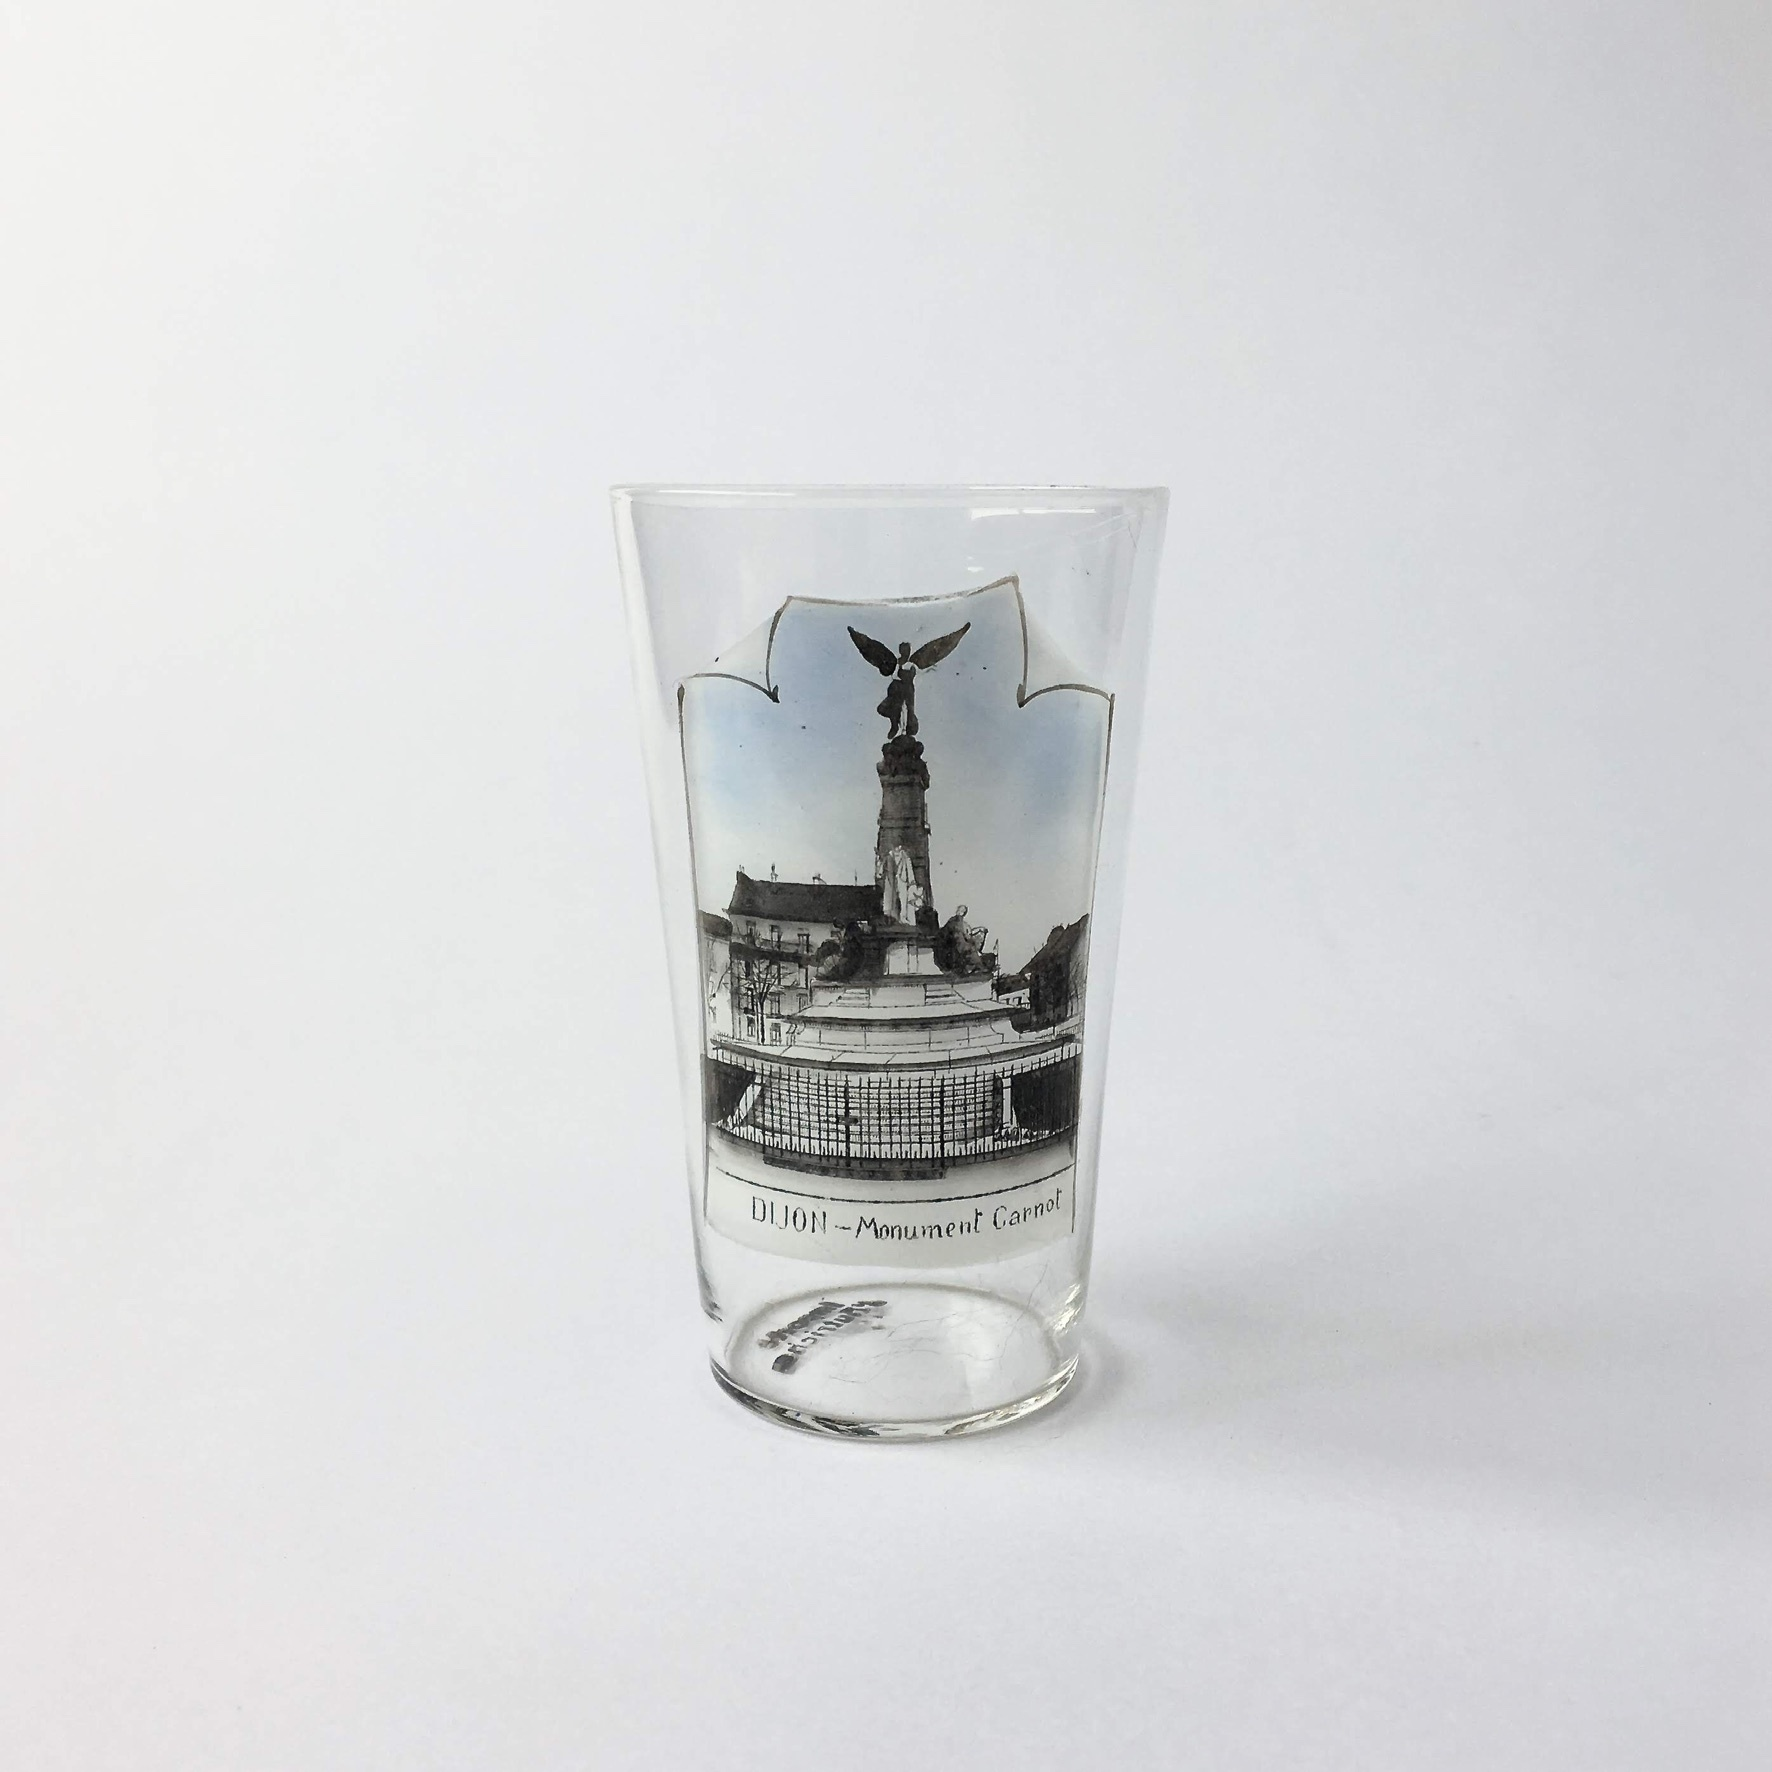 """ヴィンテージ スーベニア グラス「カルノーの記念碑」 Vintage Souvenir Glass """"Monument Carnot"""""""